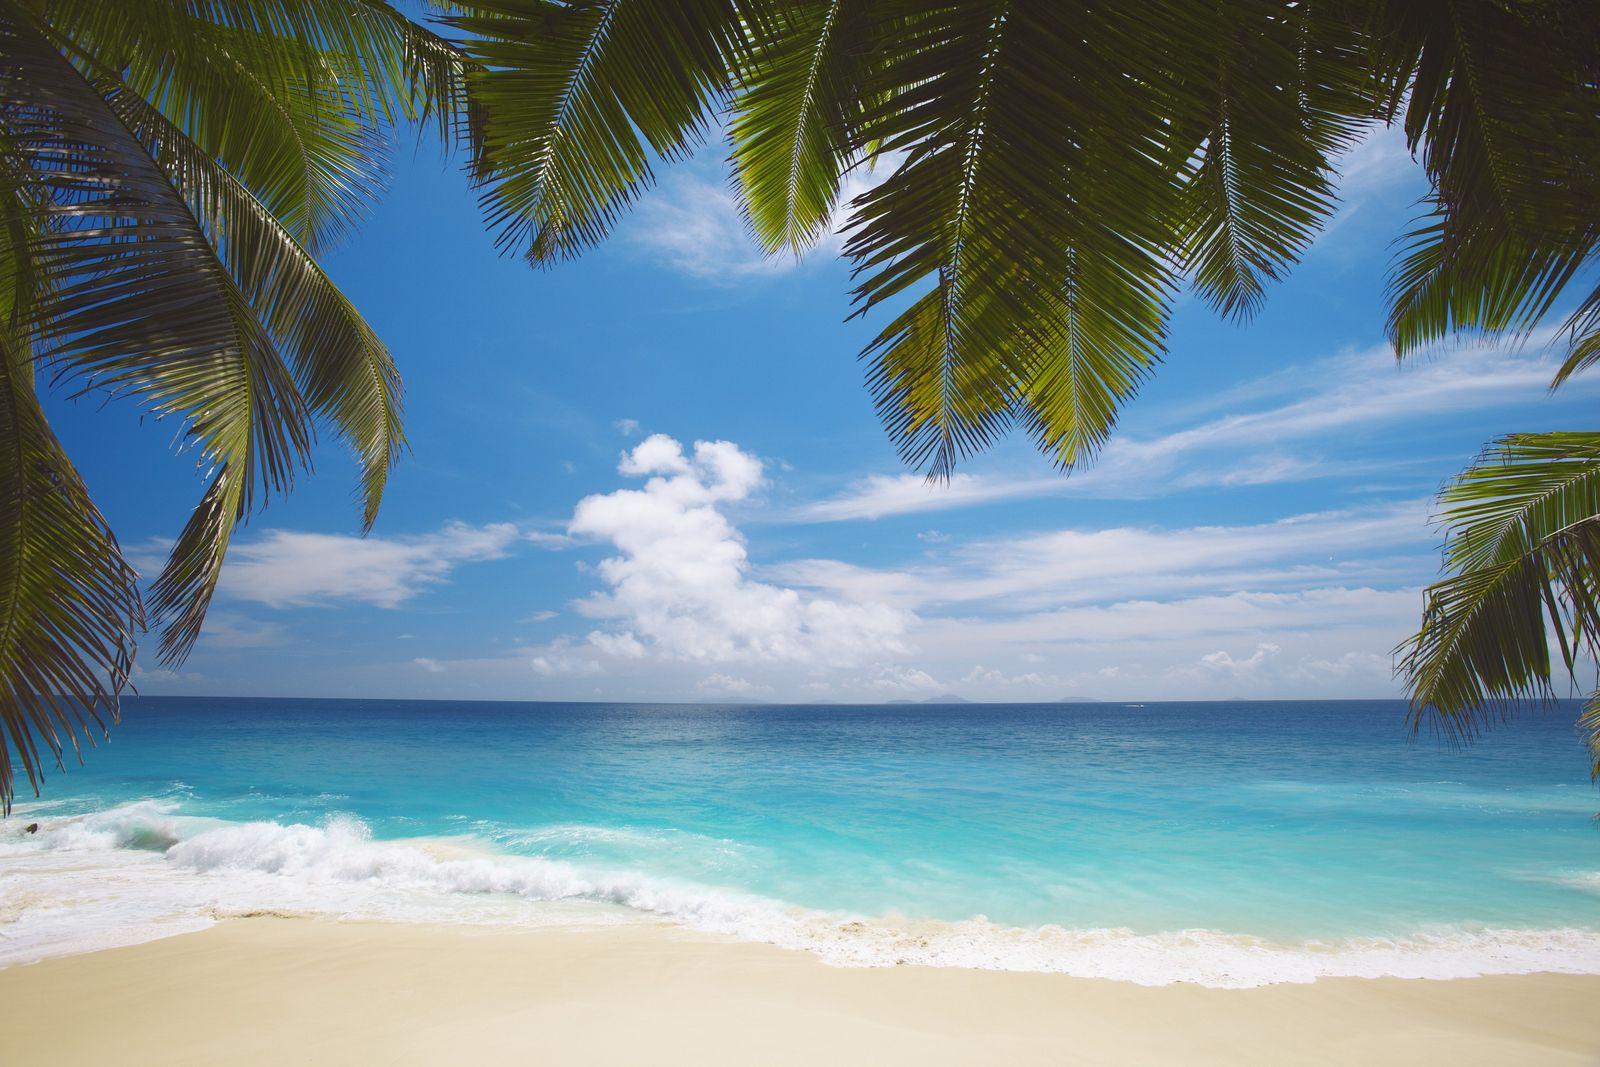 NICHT MEHR VERWENDEN! - Seychellen